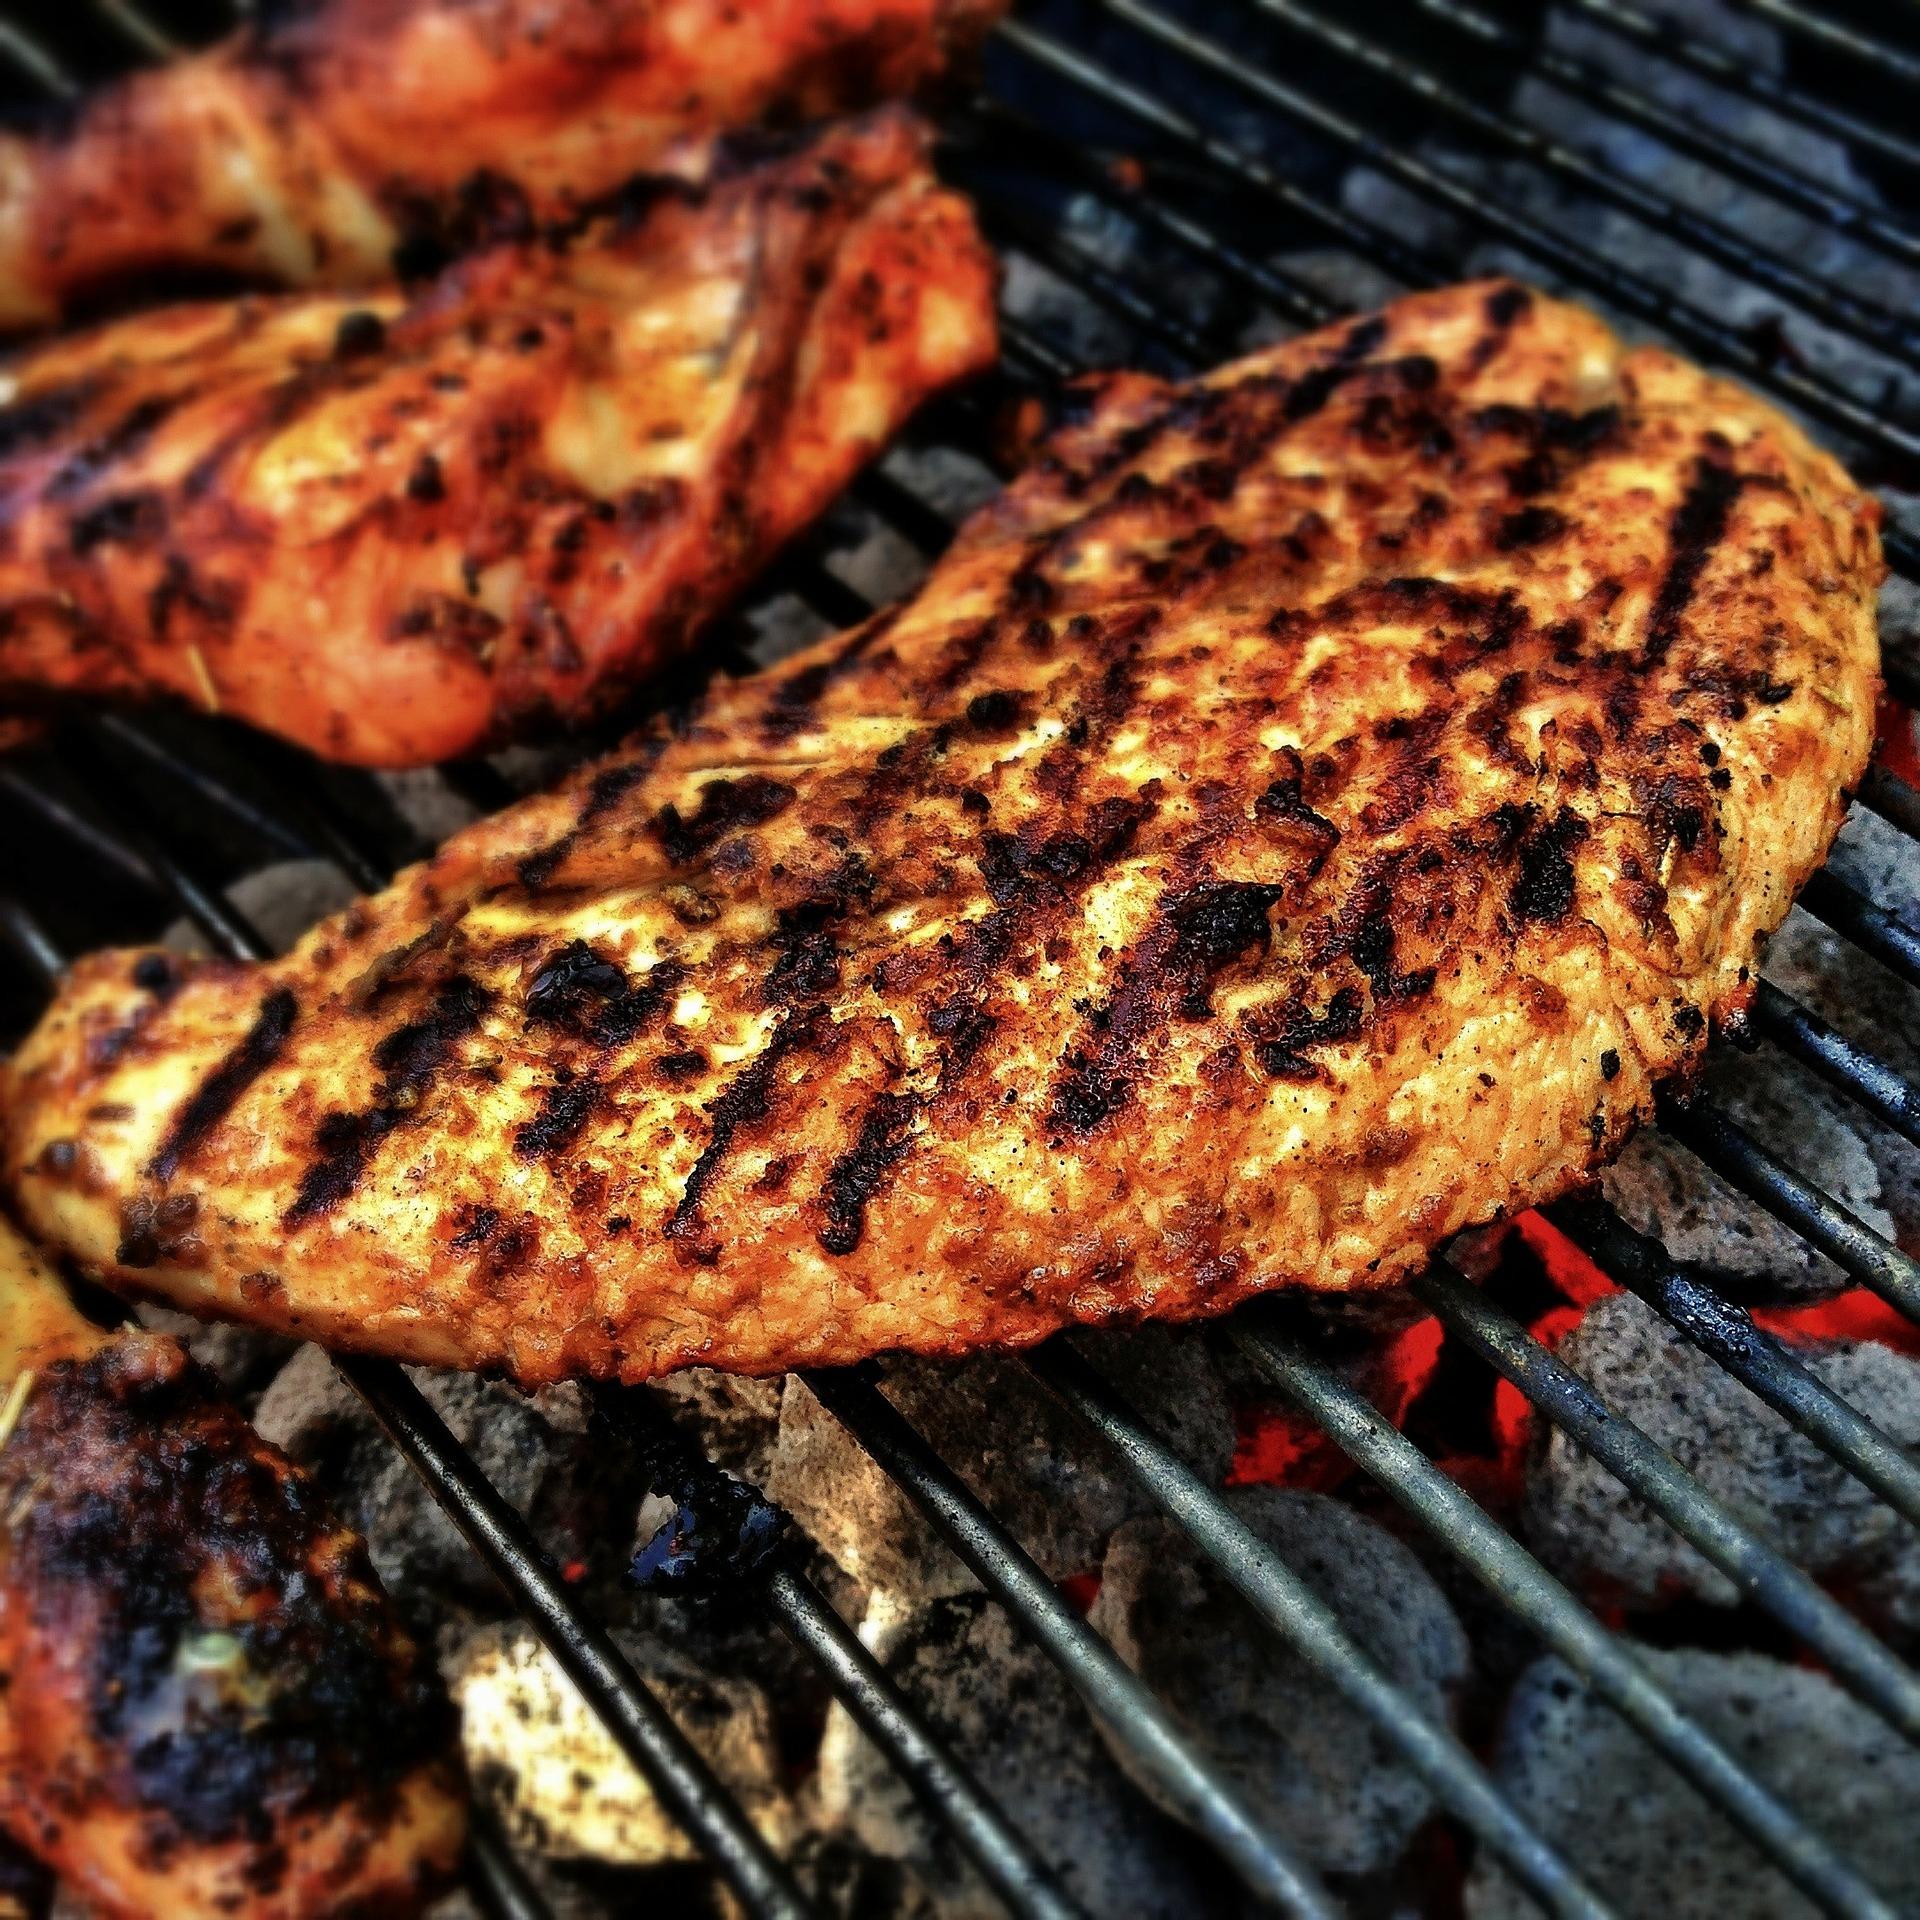 Avoid Burnt food in coronavirus battle